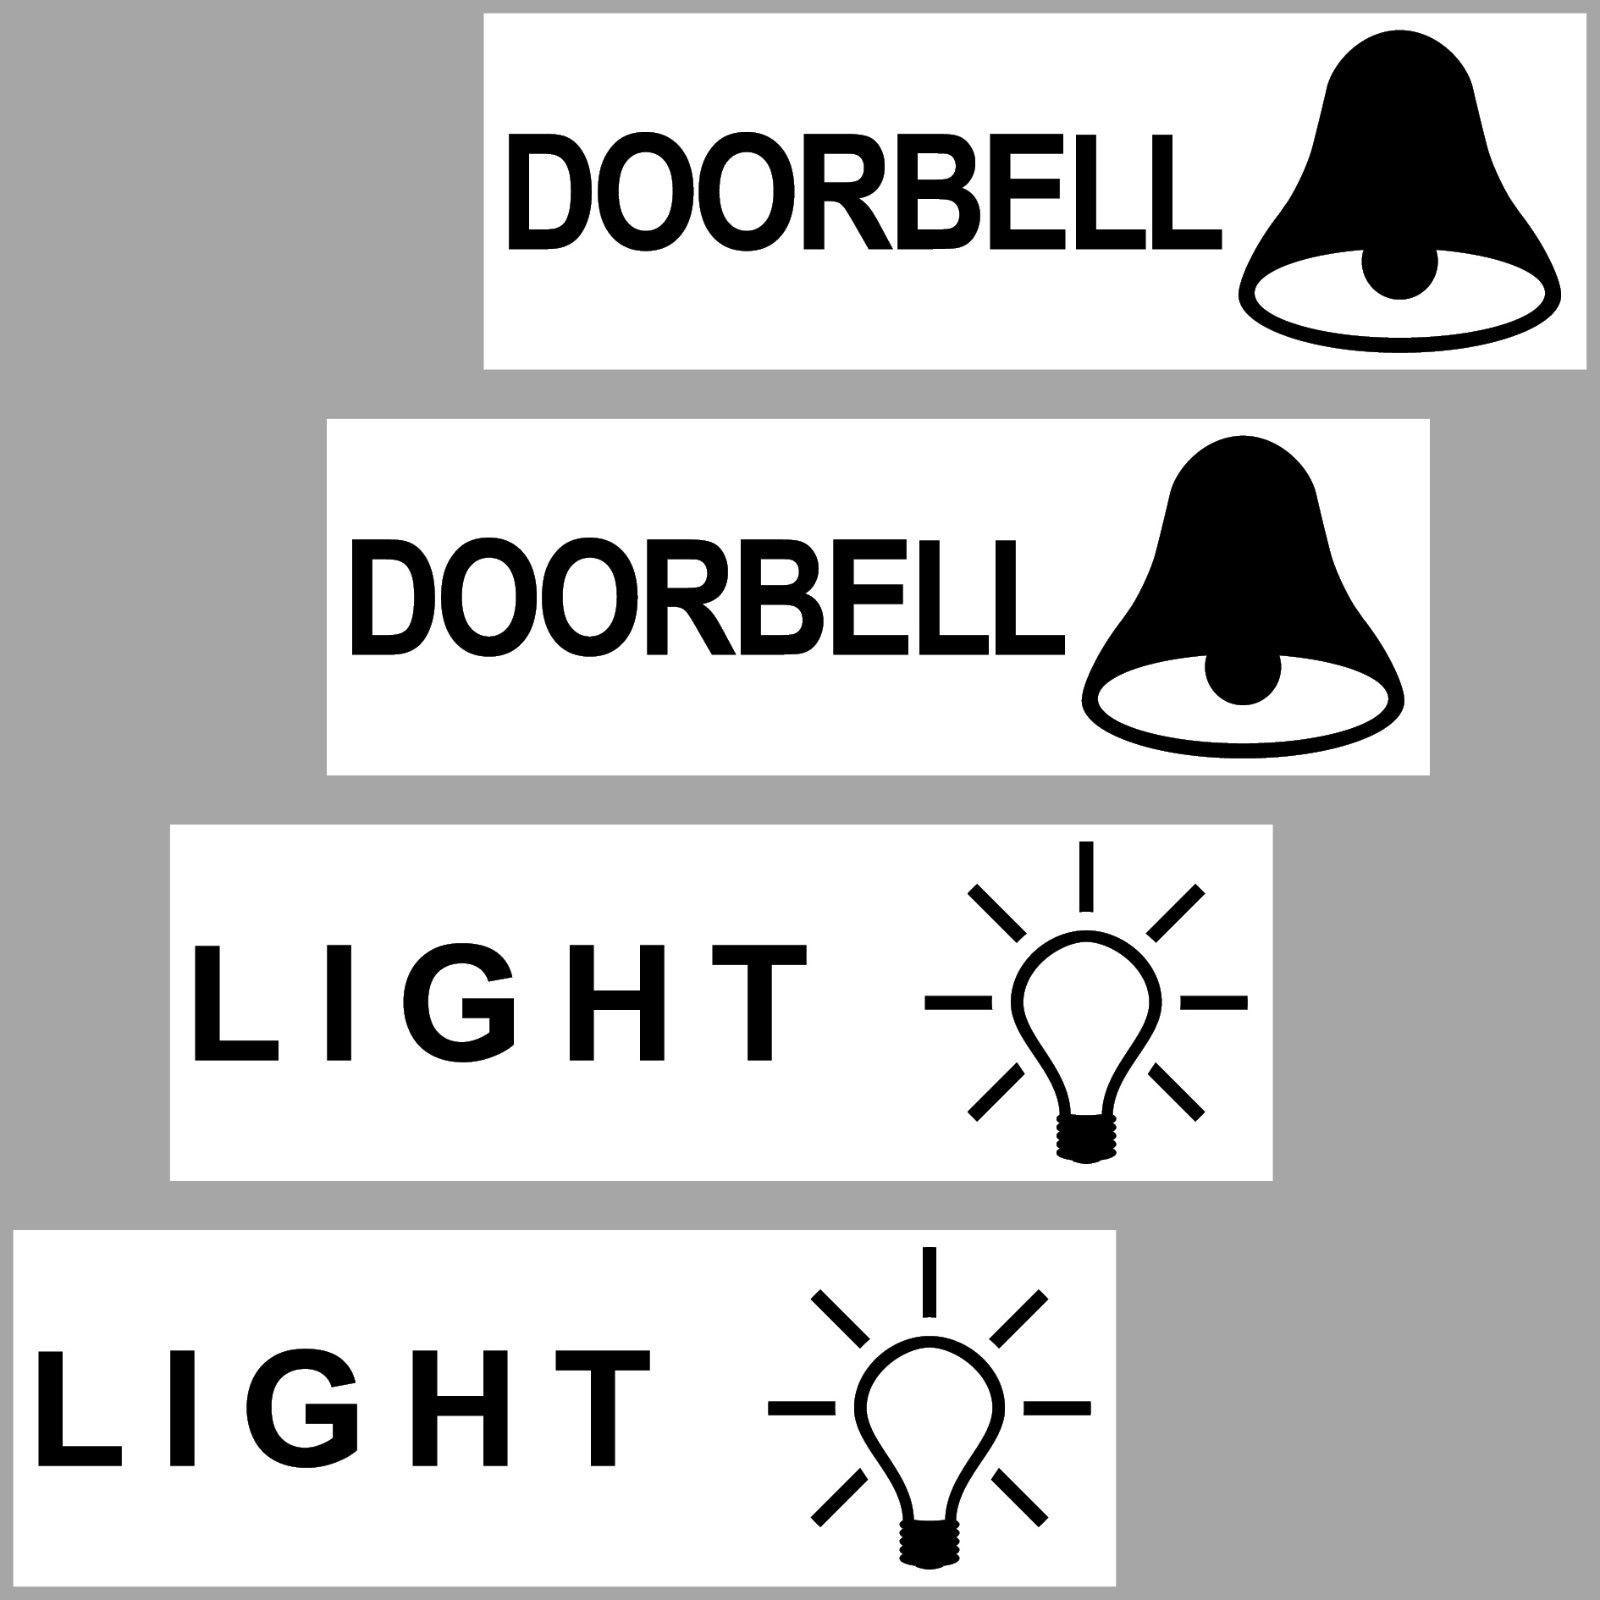 Erfreut Eine Lampe Zwei Schalter Zeitgenössisch - Verdrahtungsideen ...